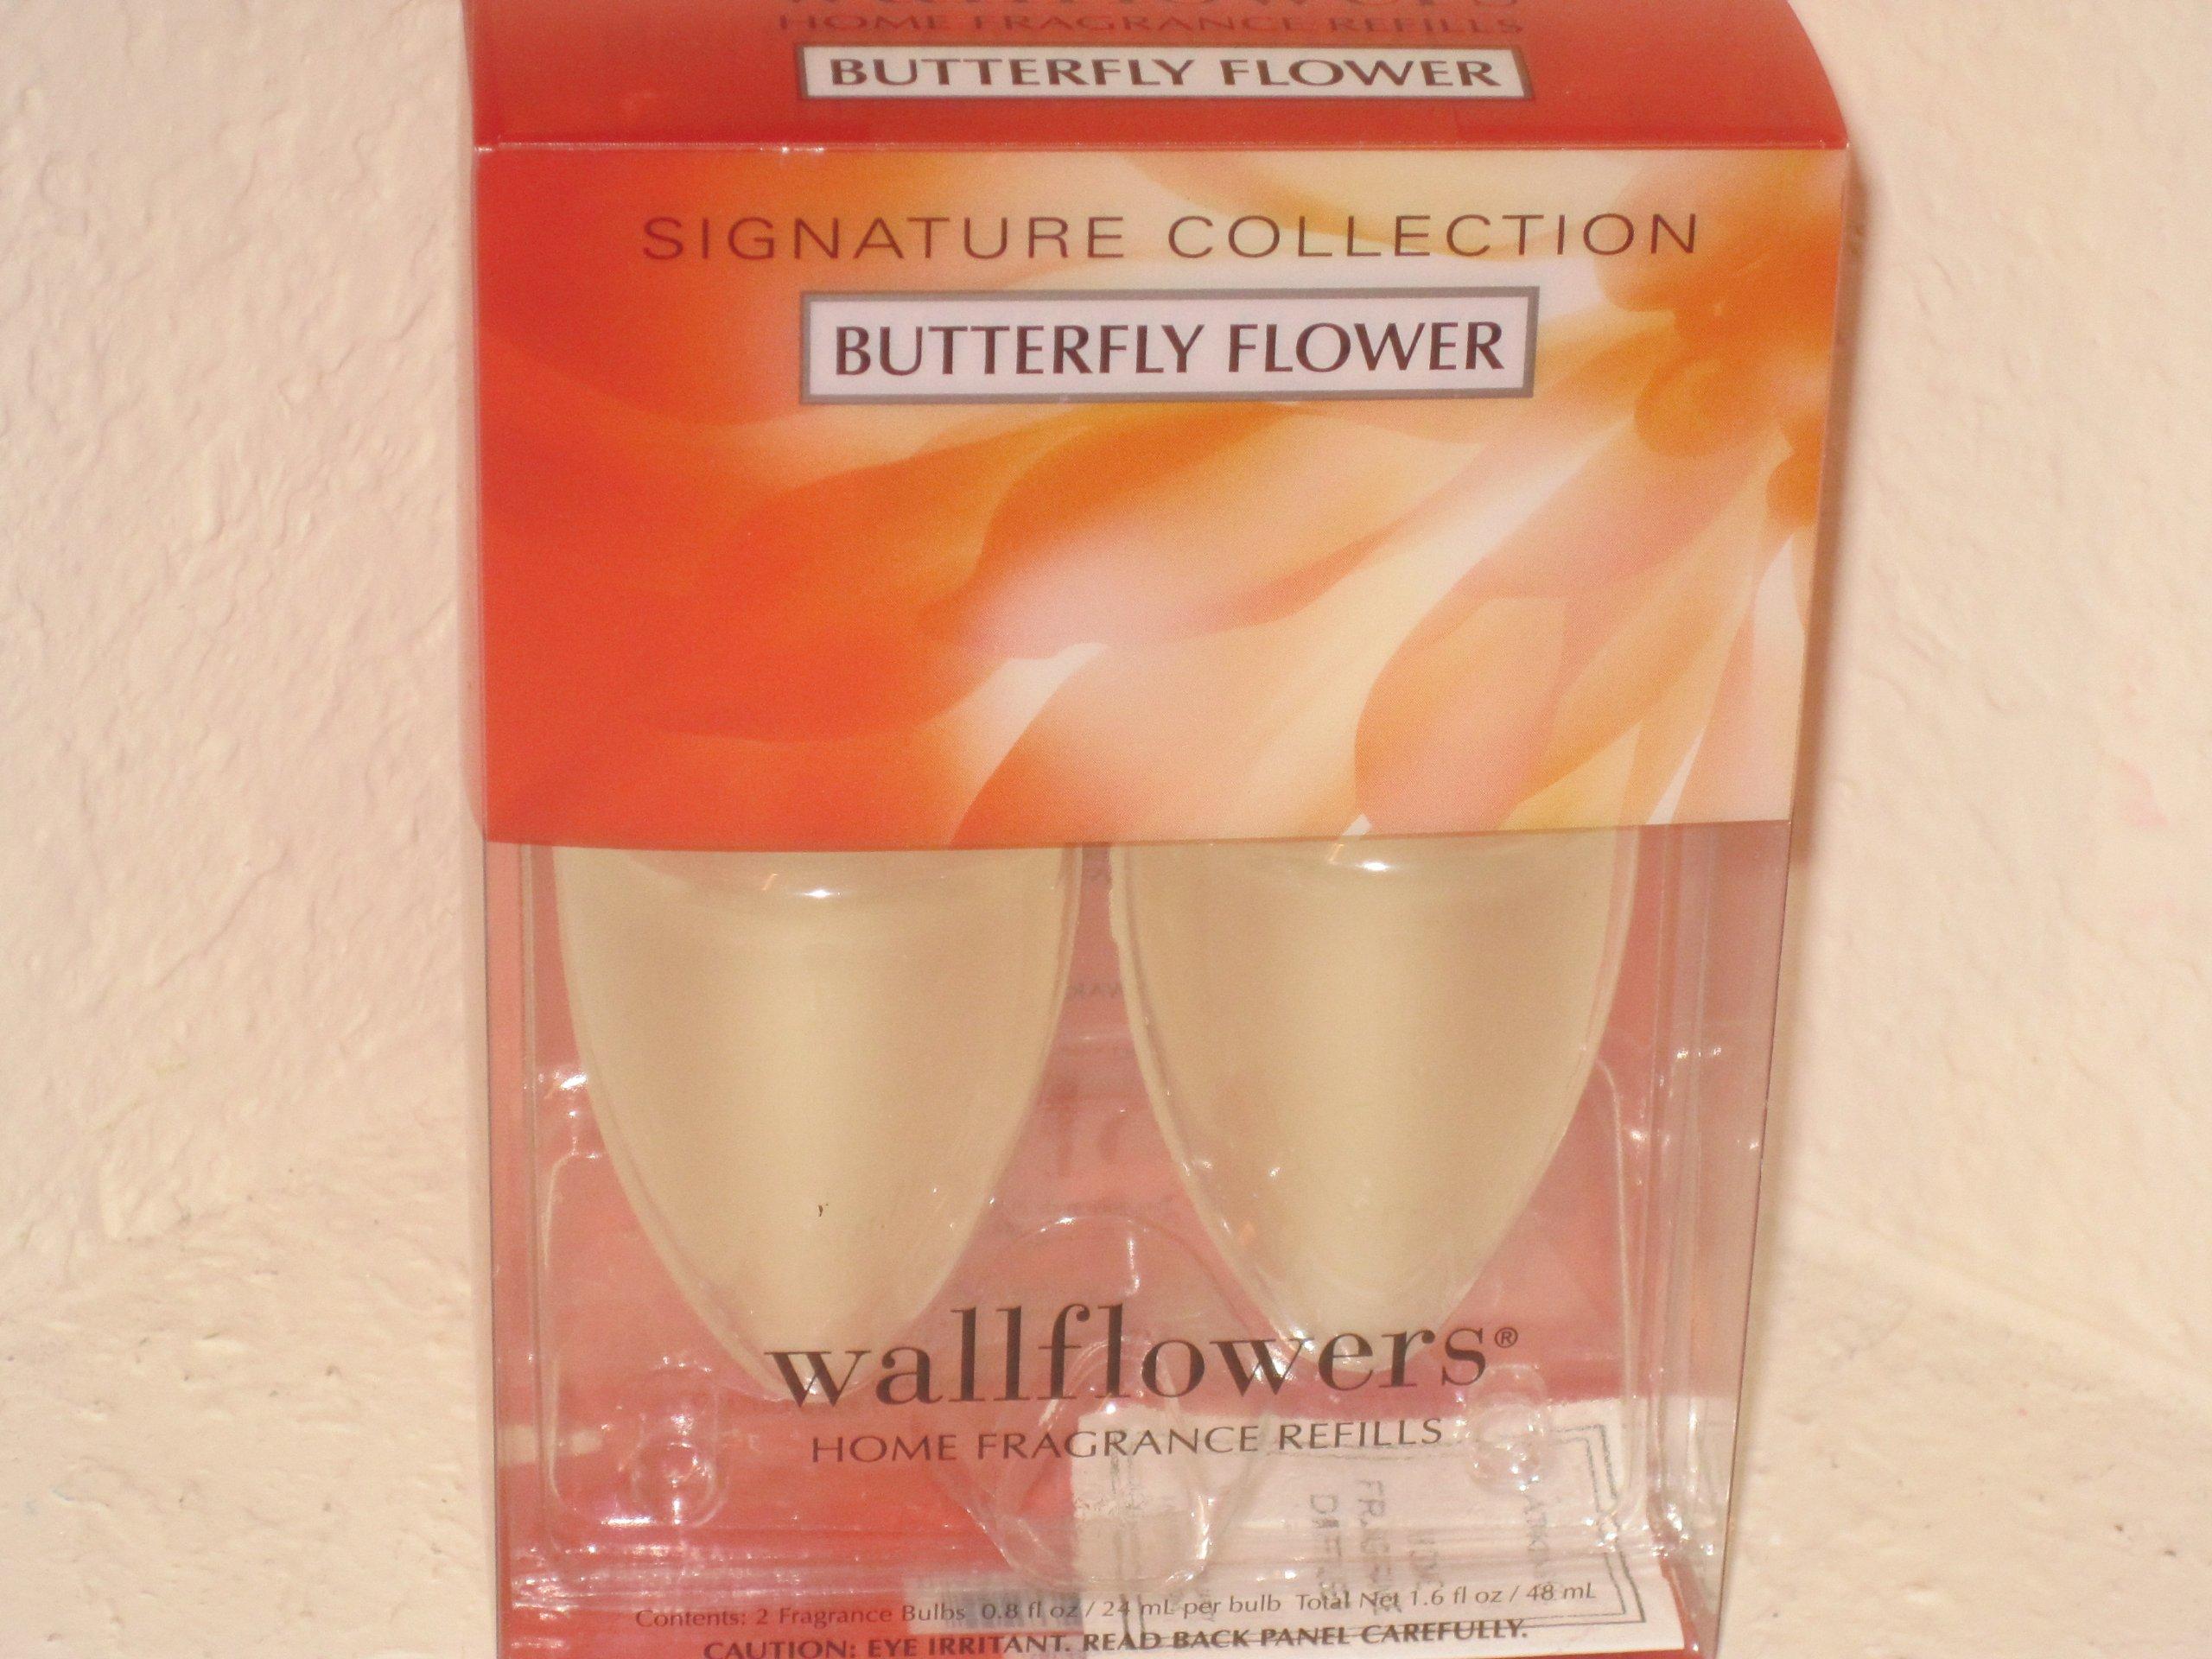 Bath & Body Works Slatkin & Co. Wallflowers Home Fragrance Refill Bulbs - Butterfly Flower by Bath & Body Works (Image #1)